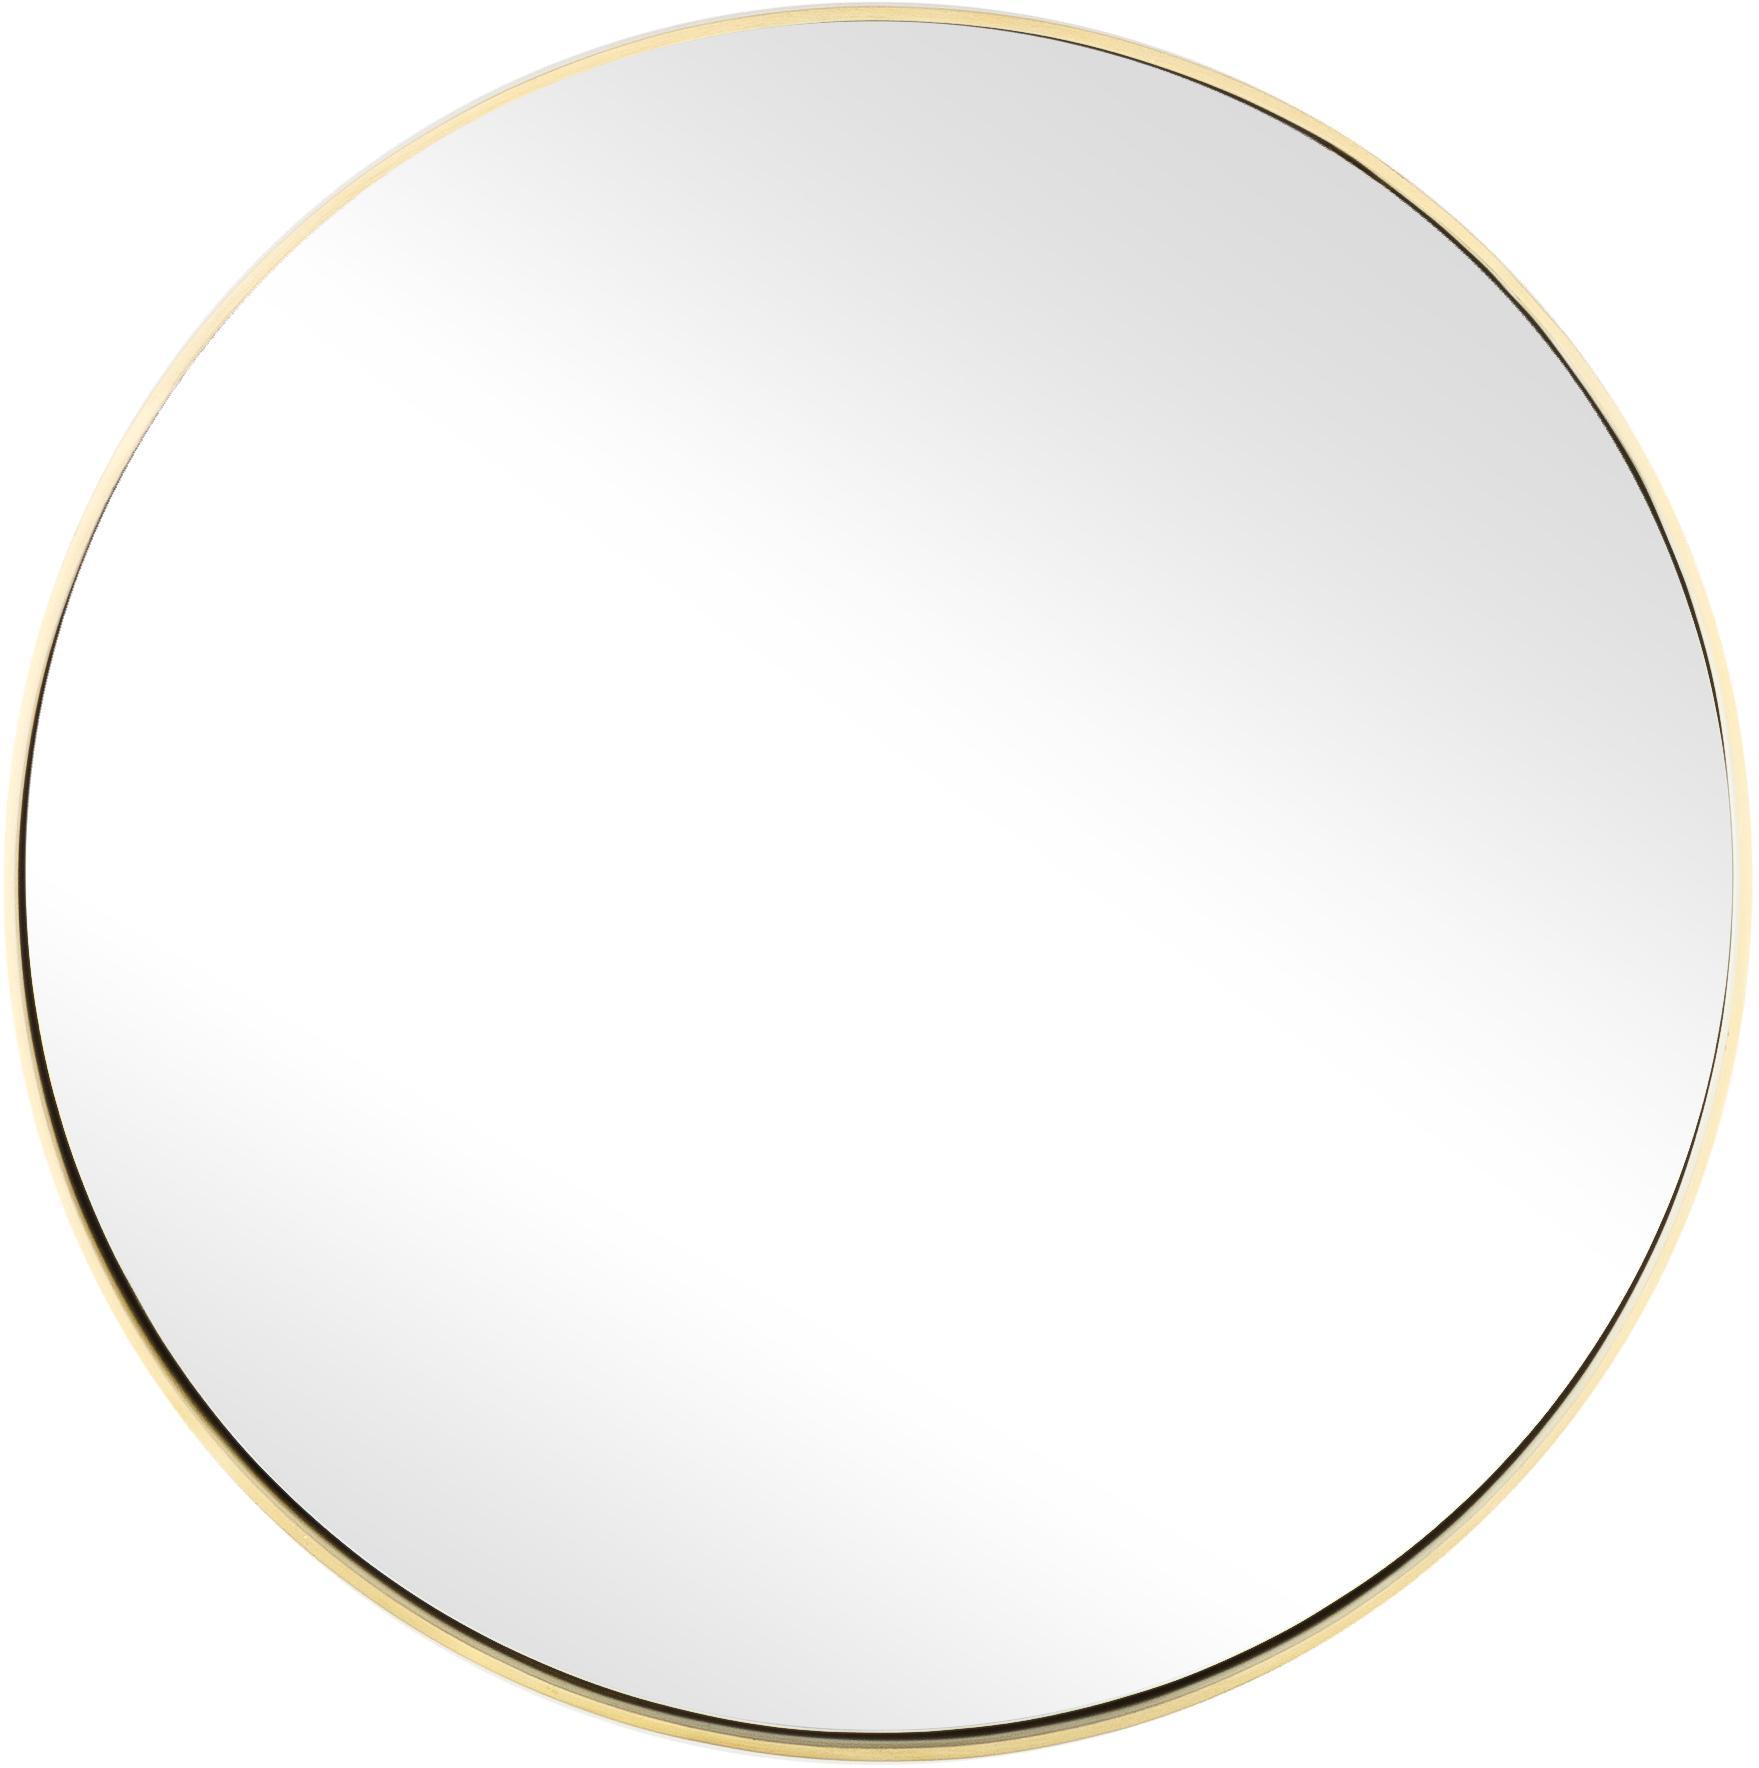 Specchio da parete rotondo con cornice dorata Ada, Cornice: ferro, ottonato, Superficie dello specchio: lastra di vetro, Ottone spazzolato, Ø 40 cm